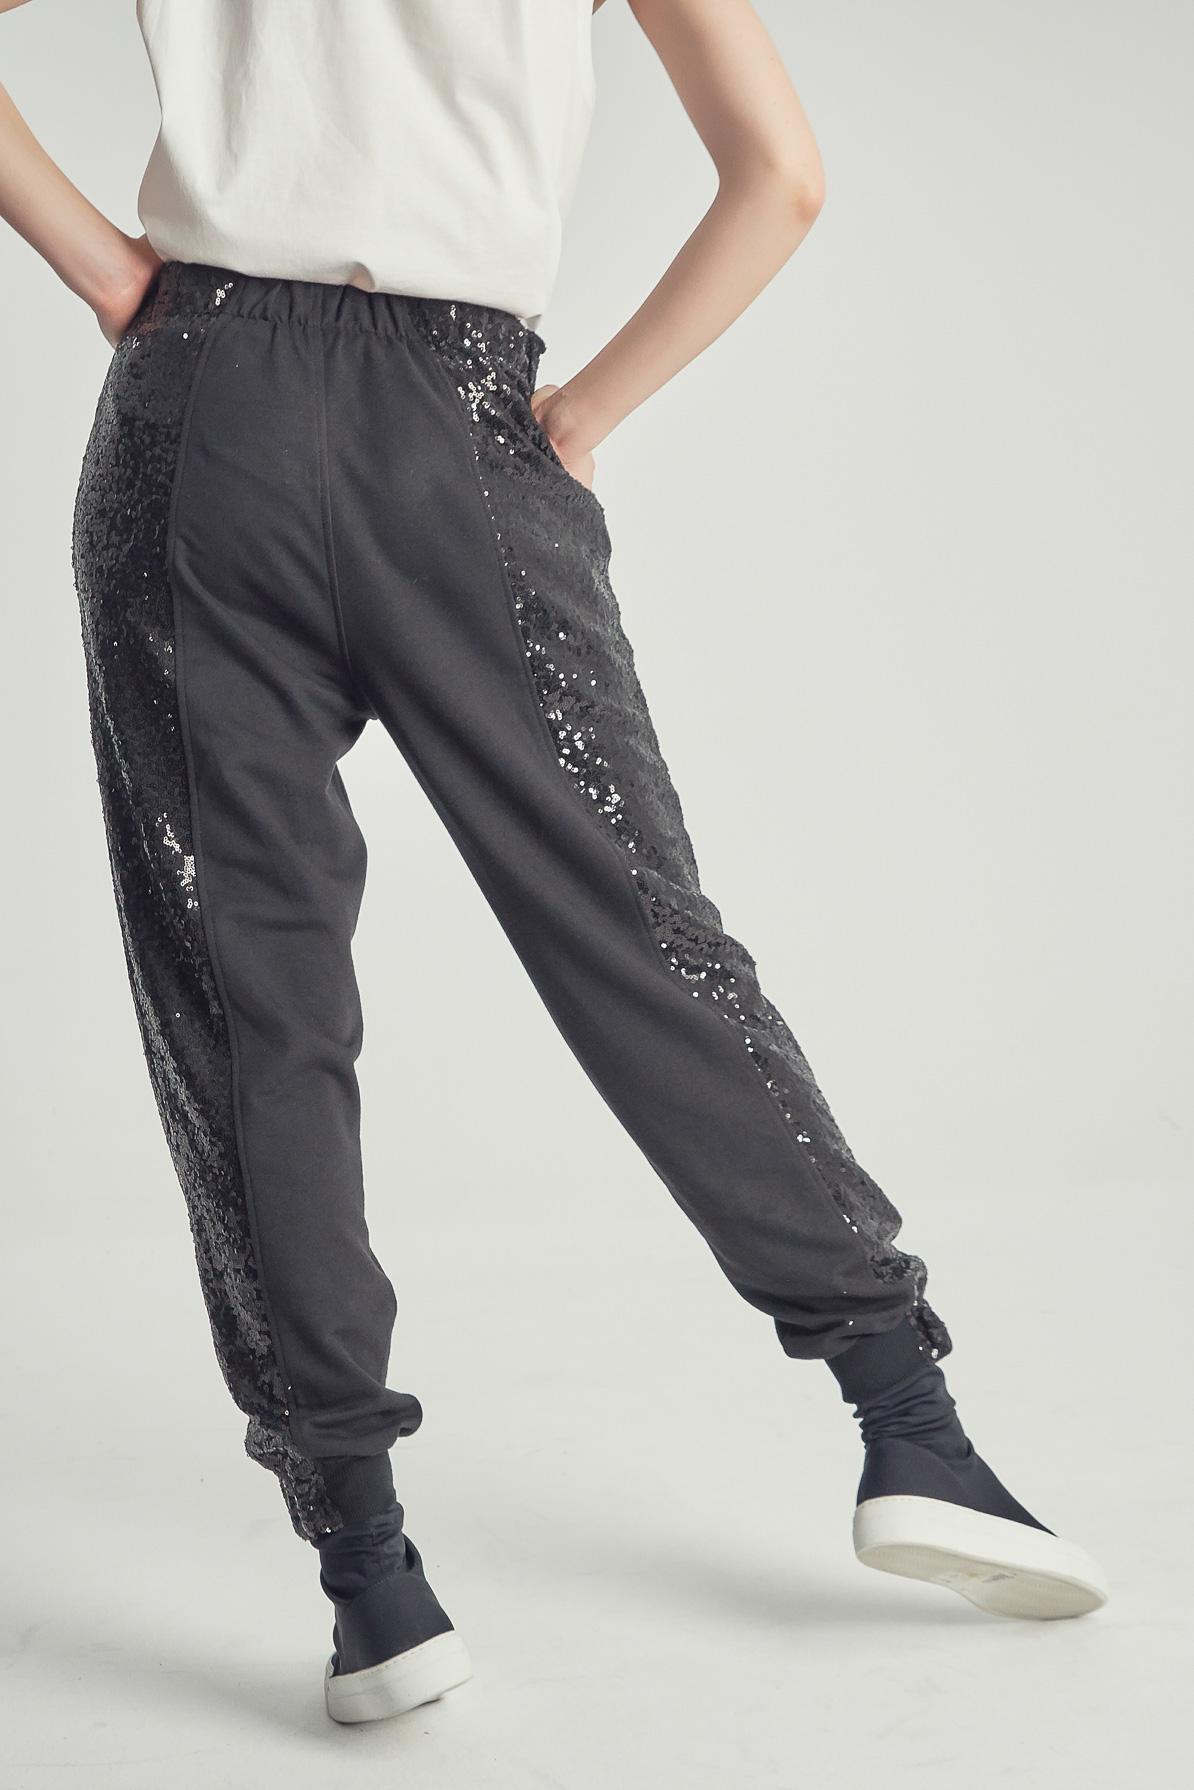 Pantaloni Spangles Black